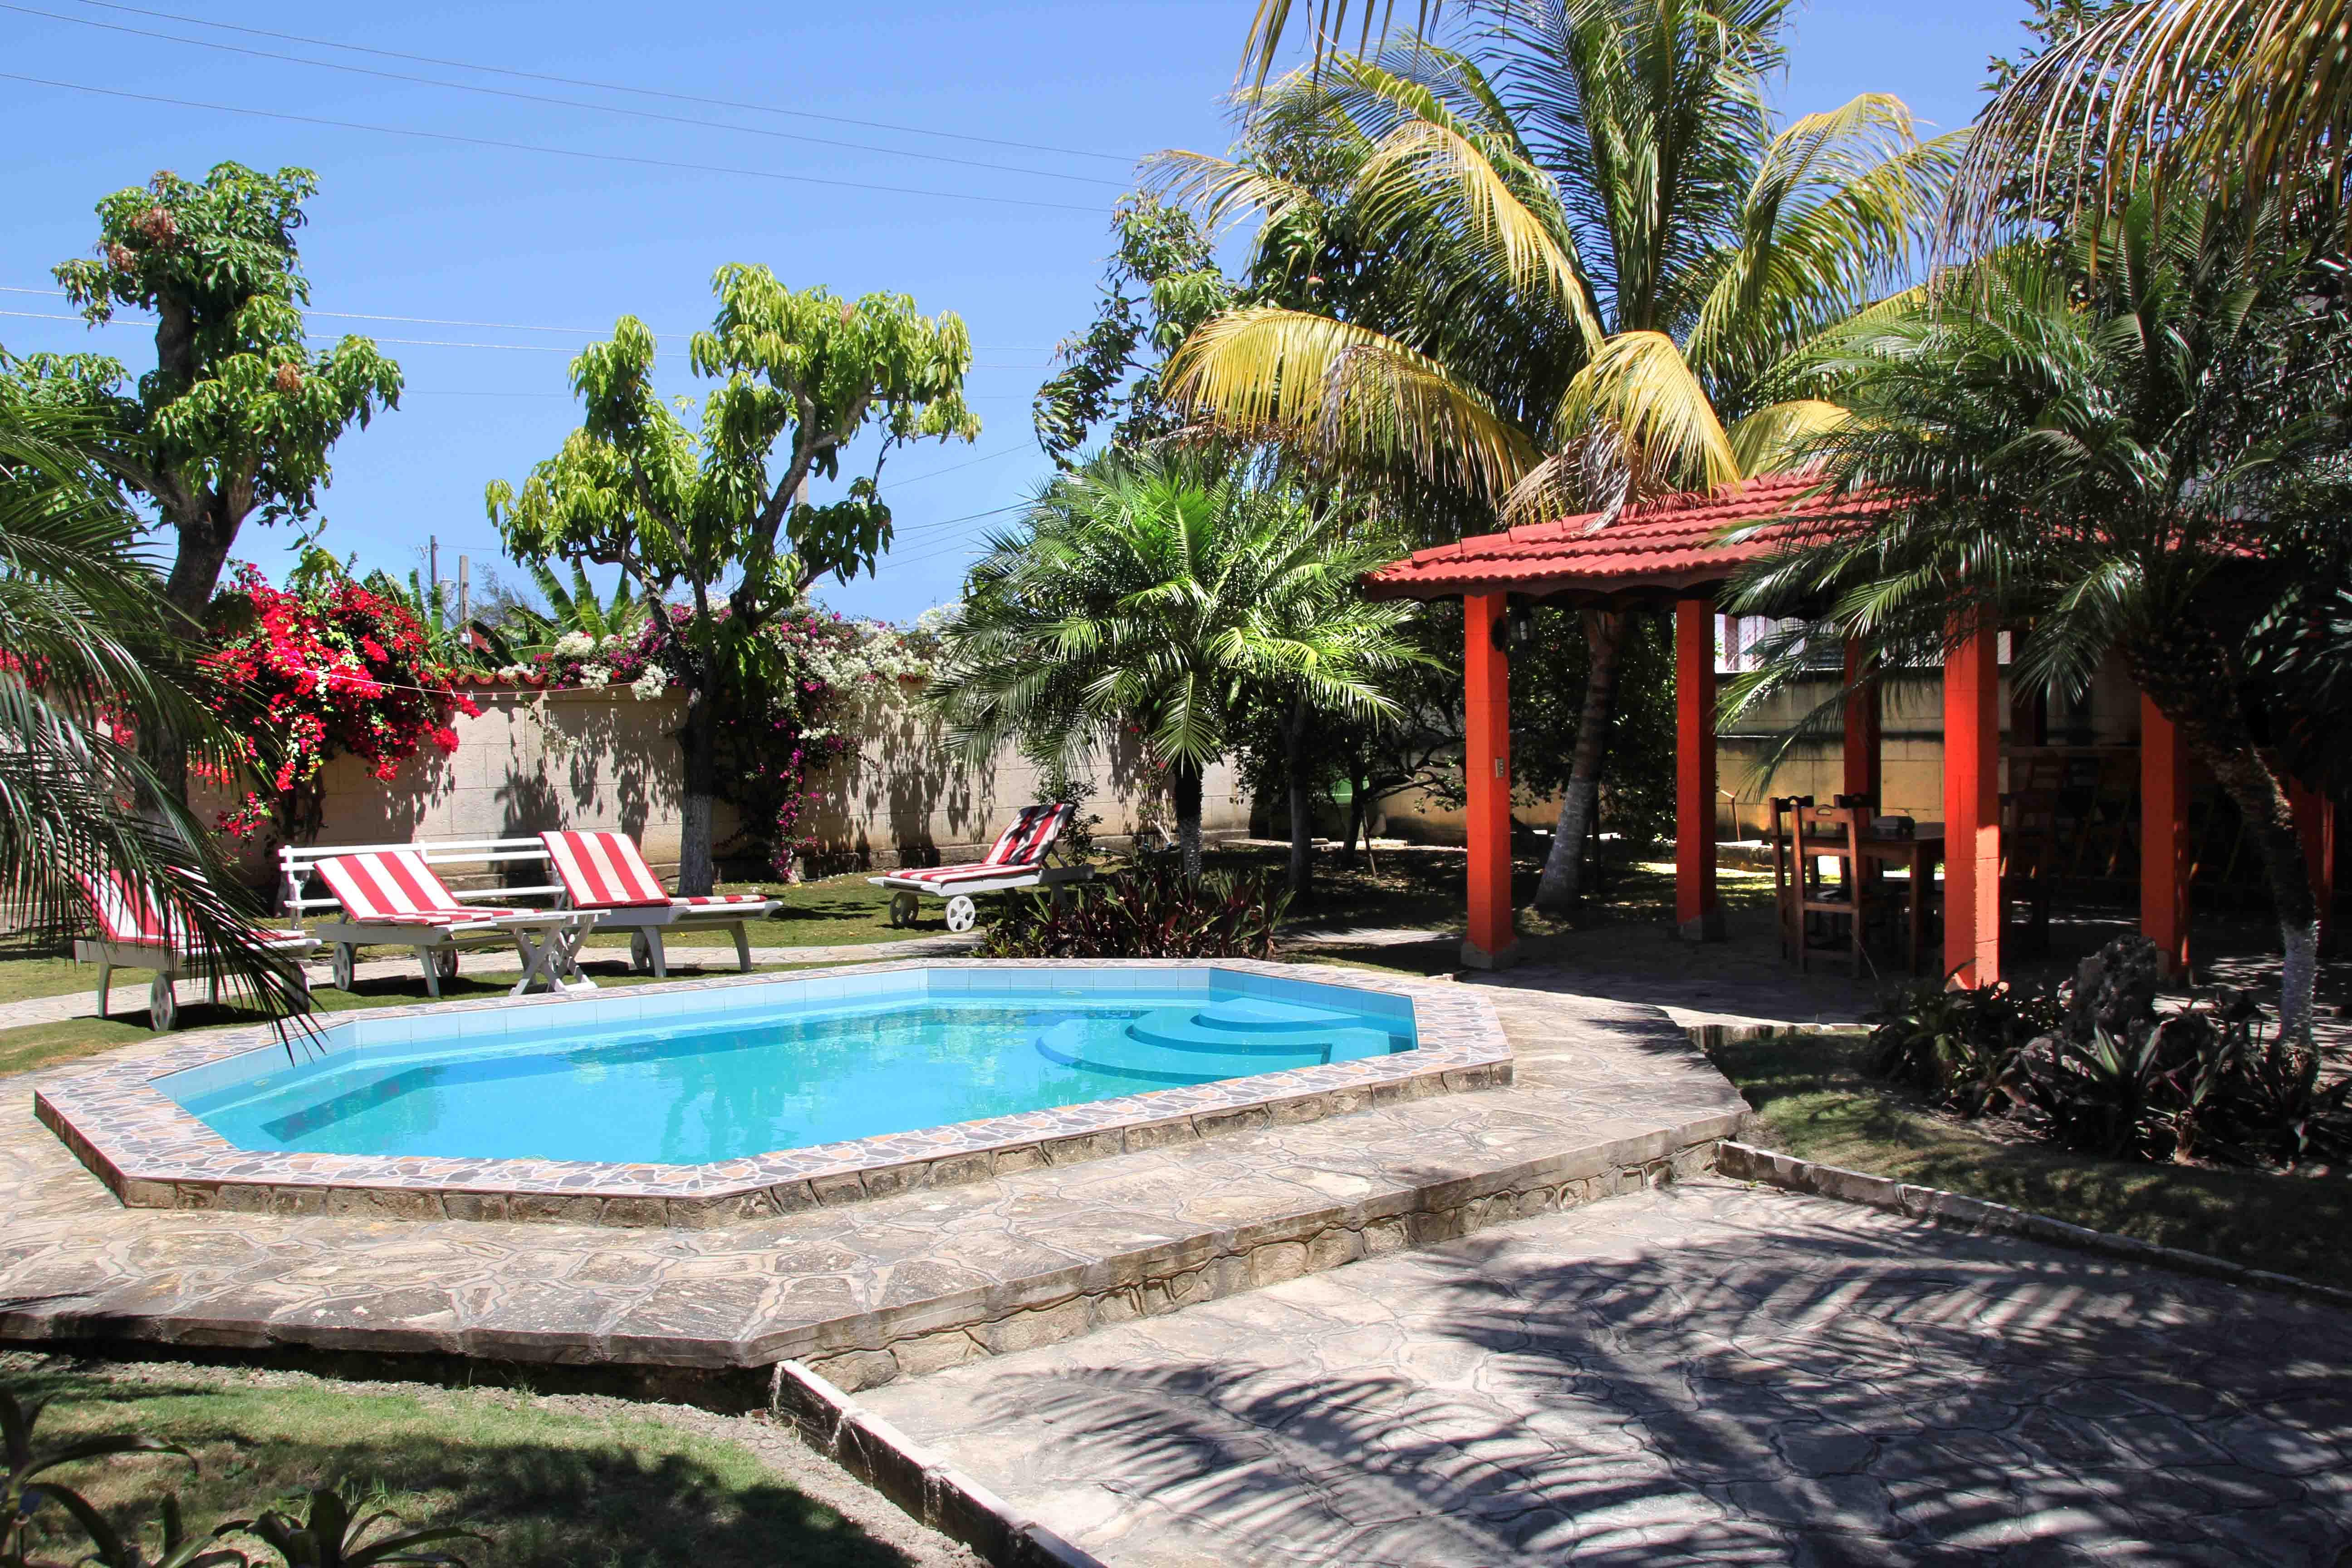 HPE107 - Casa Carlos